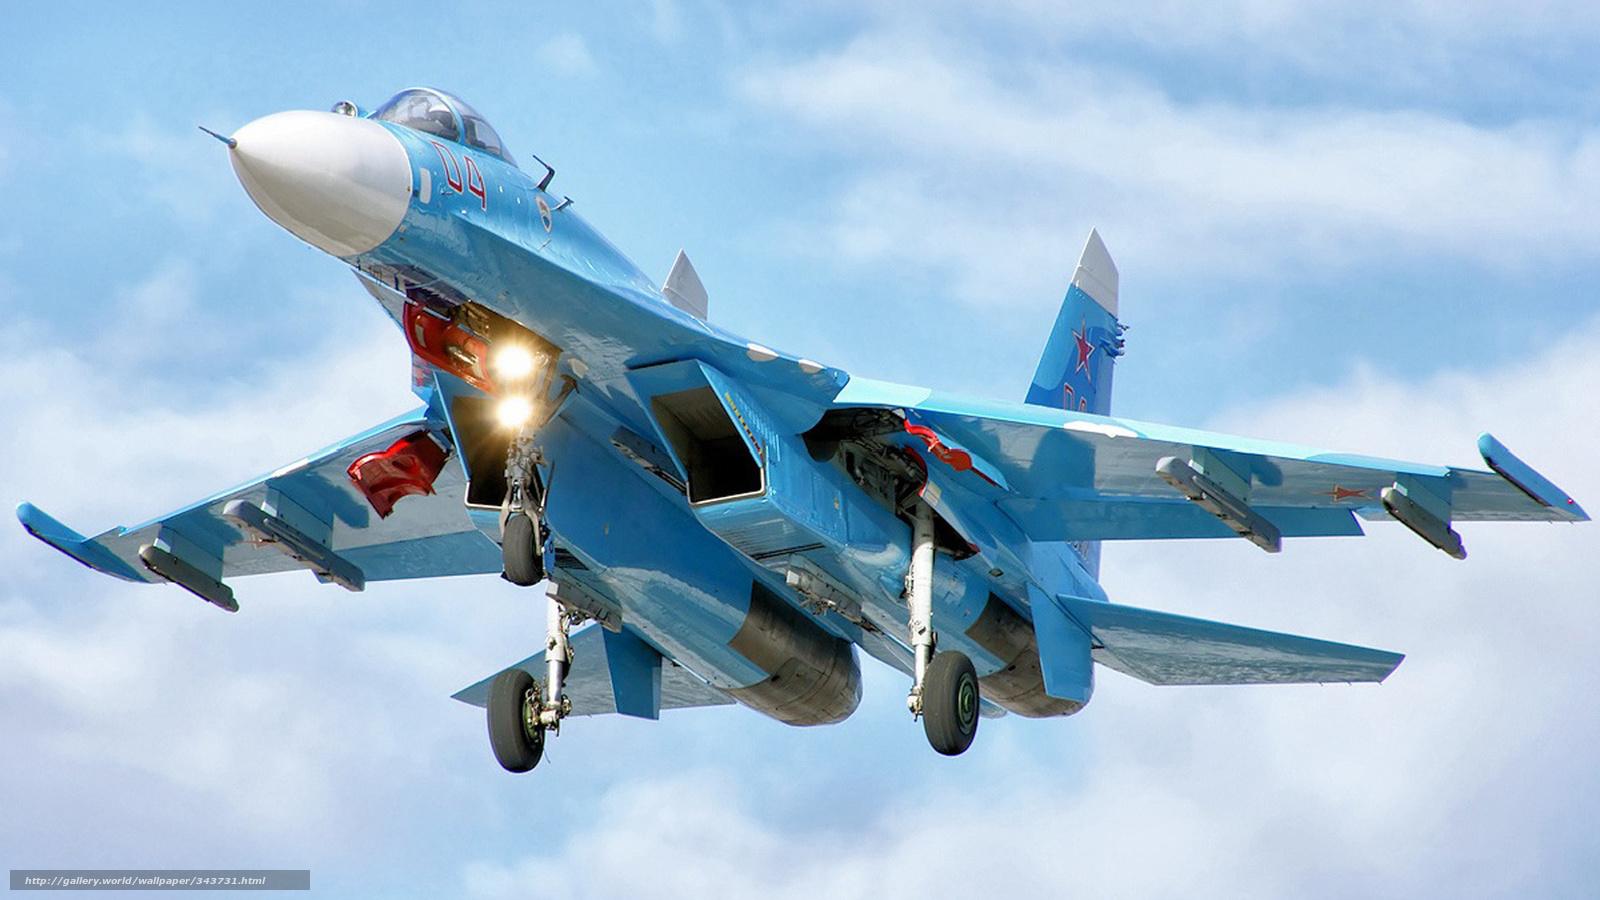 Скачать обои Су-27,  самолёт,  истребитель,  небо бесплатно для рабочего стола в разрешении 1920x1080 — картинка №343731